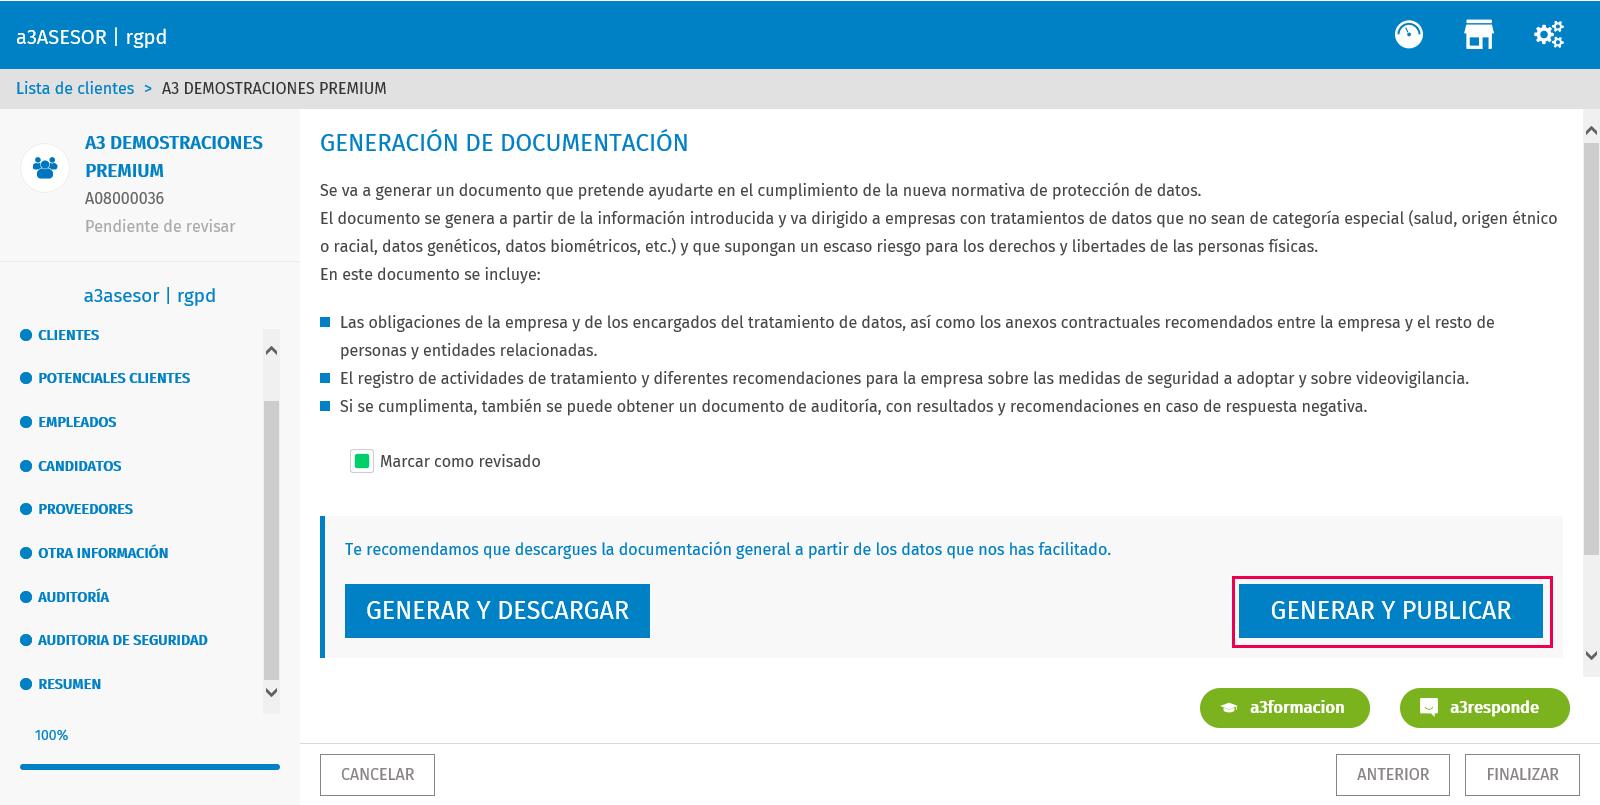 resumen, generar y publicar